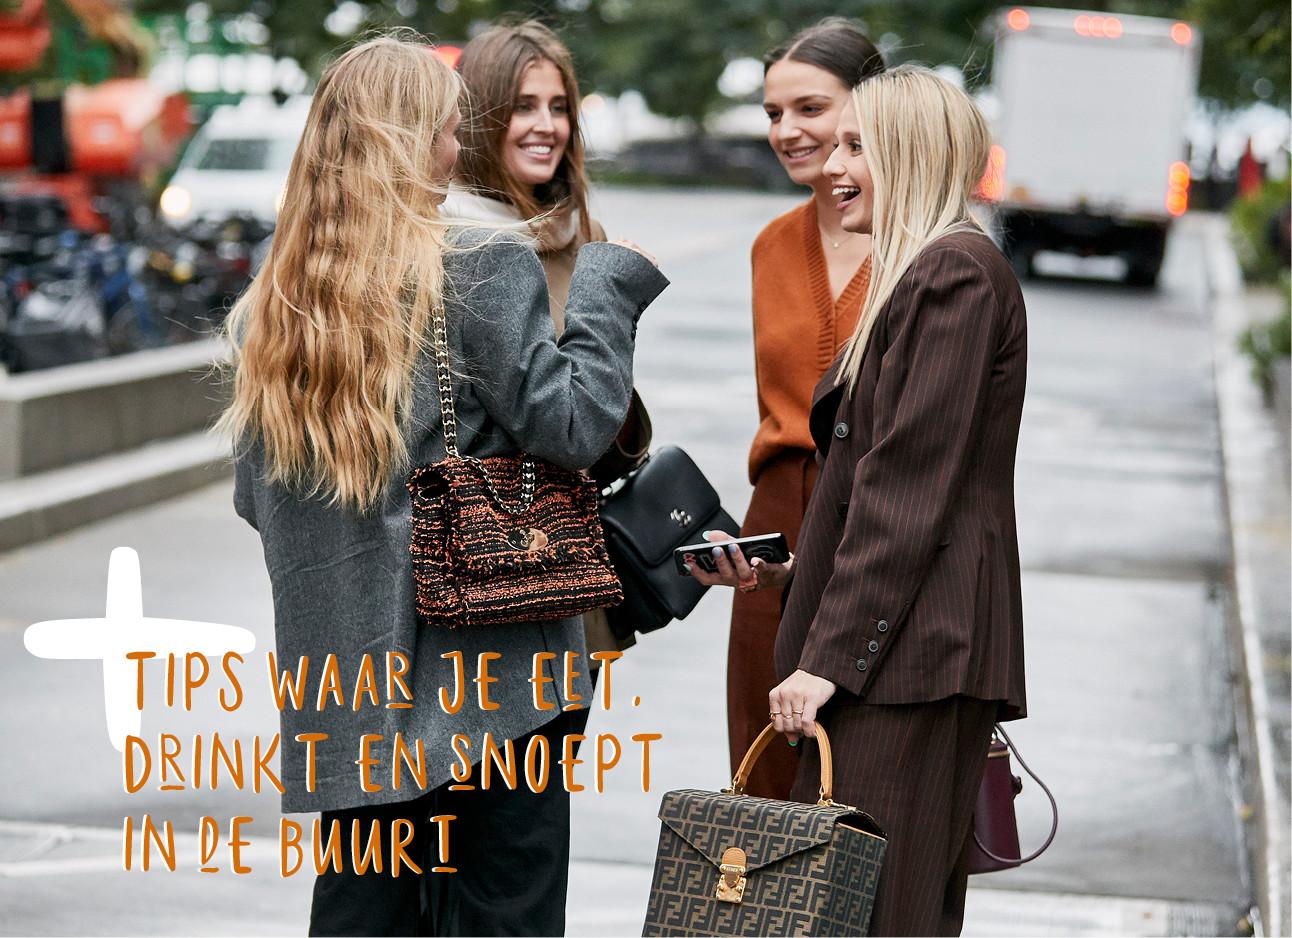 Streetstyle beeld van 4 meiden in newyork